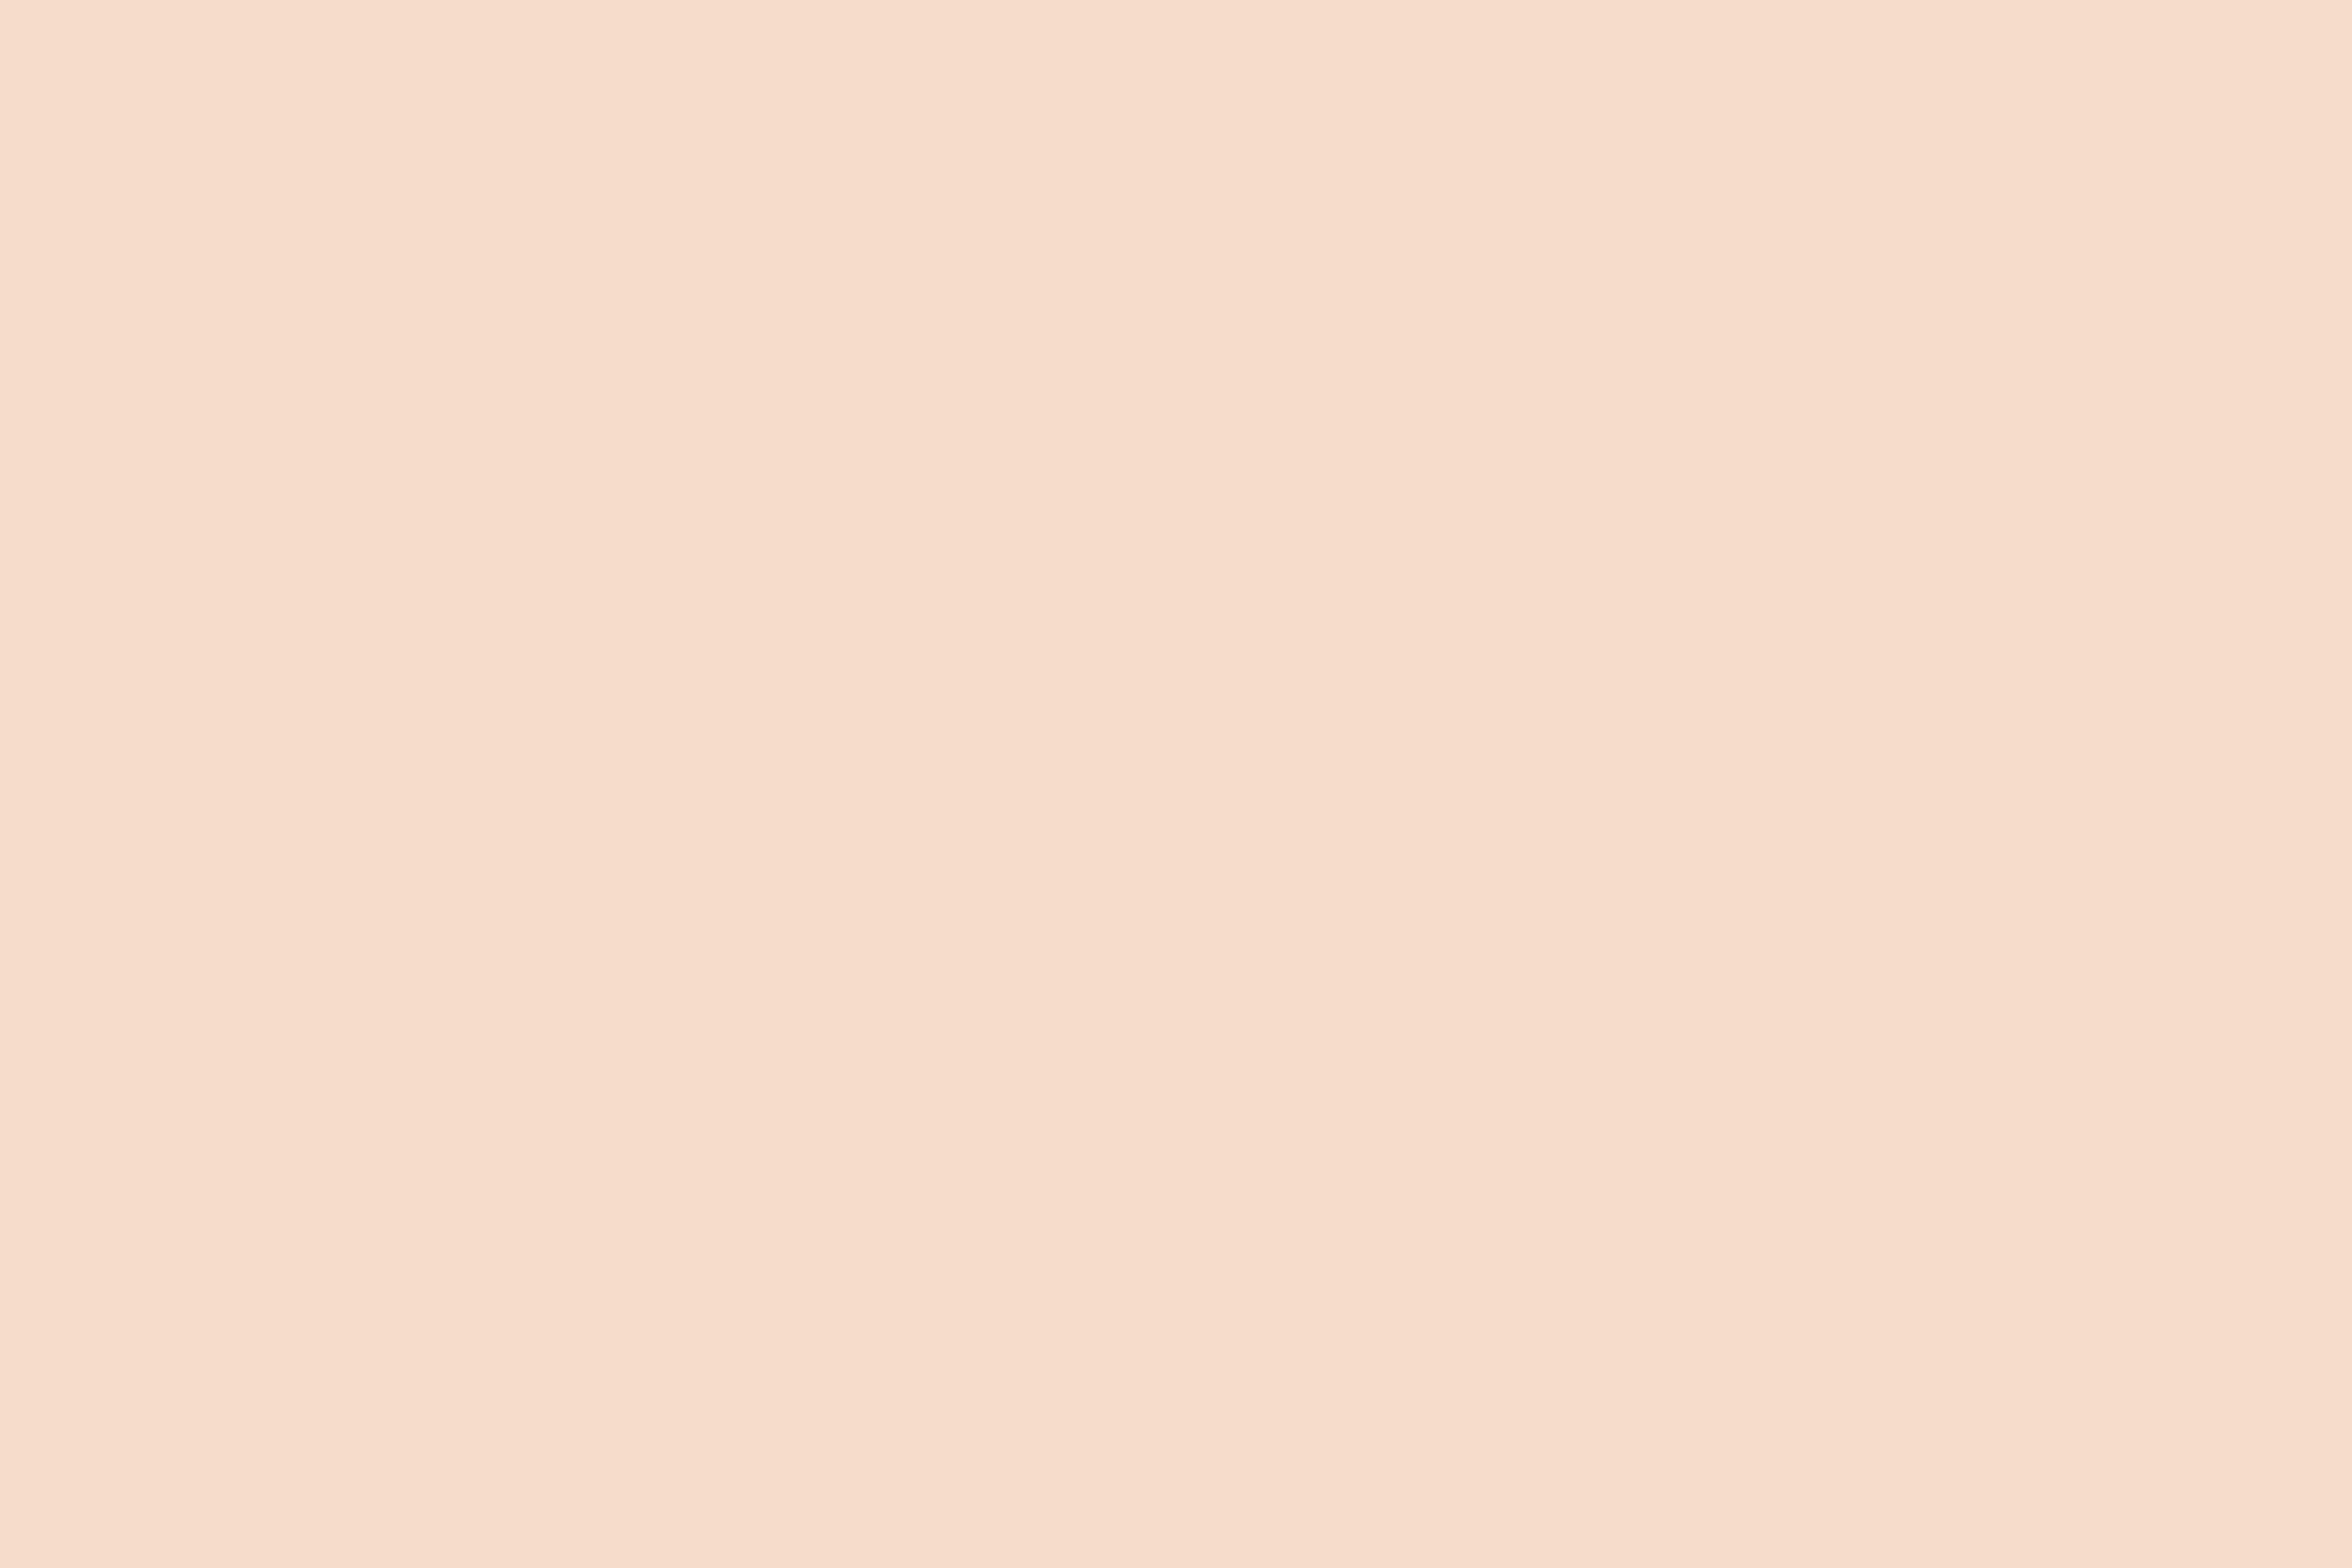 Картинка фон для фотошопа однотонный бежевый под шаблон с текстом